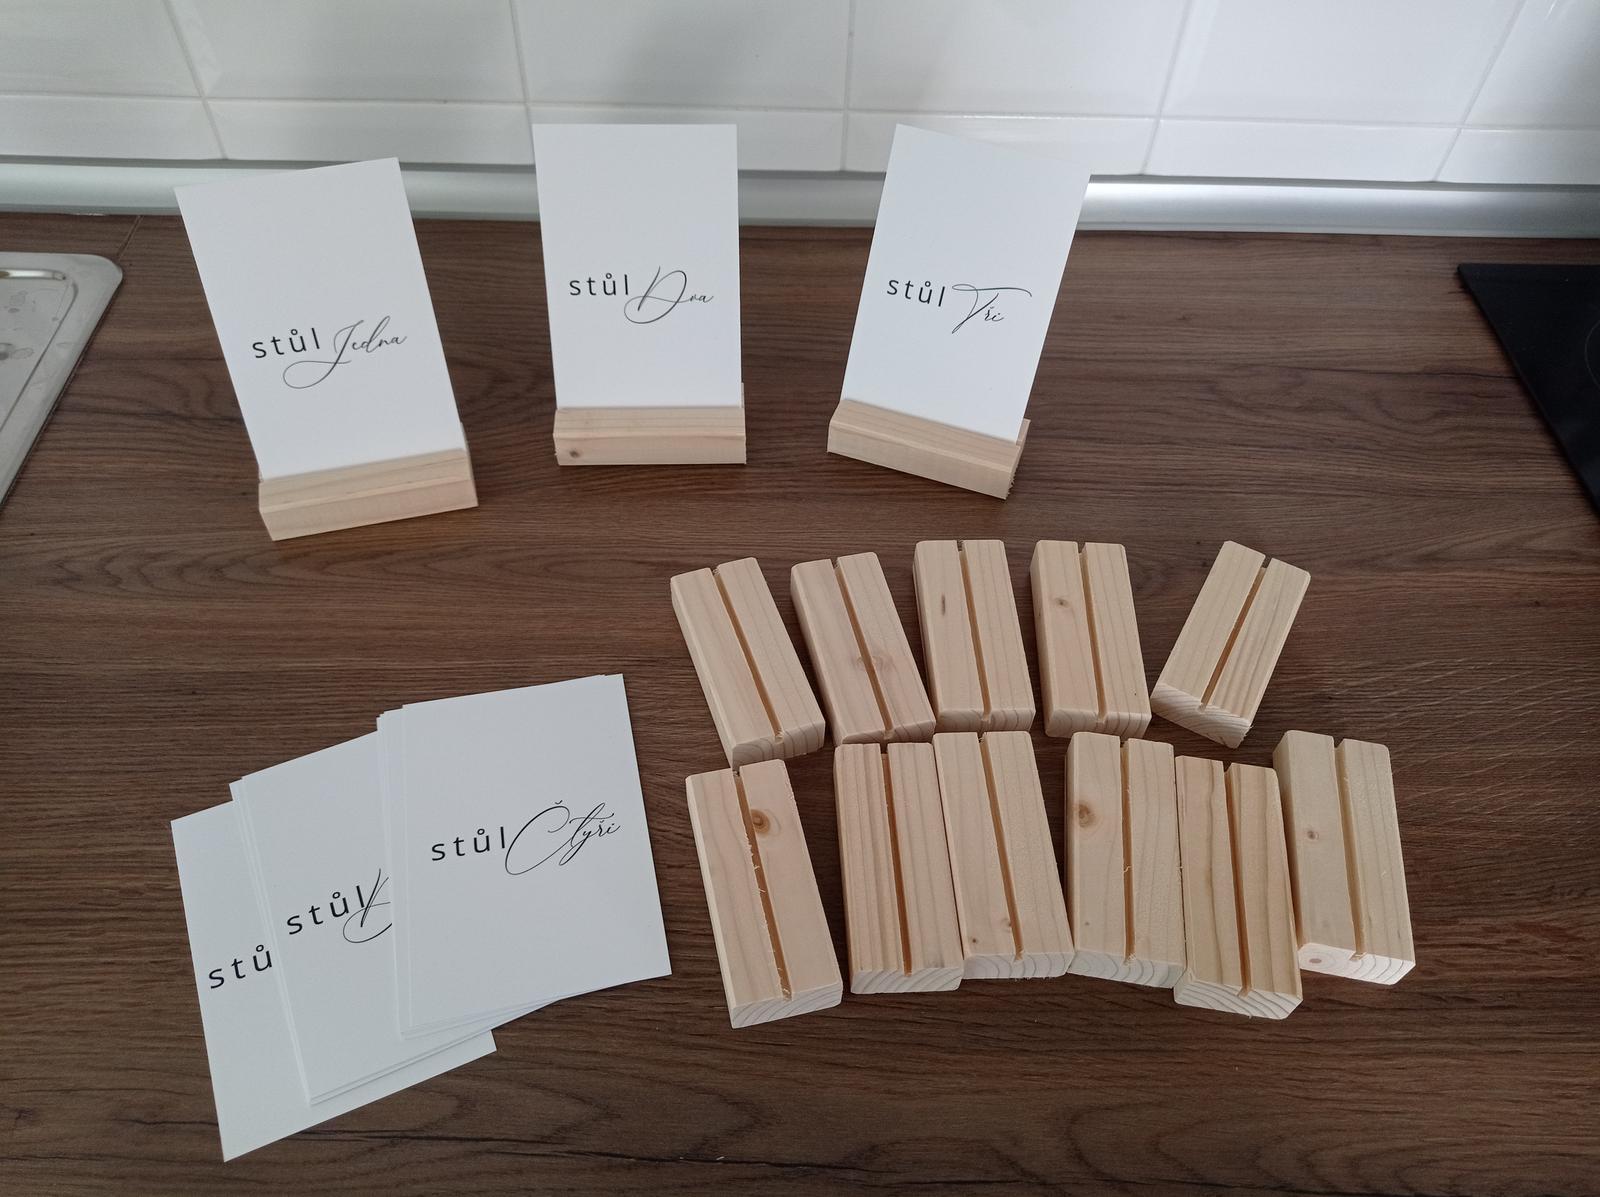 Čísla stolů,stojánky + stojánky na jmenovky - Obrázek č. 1